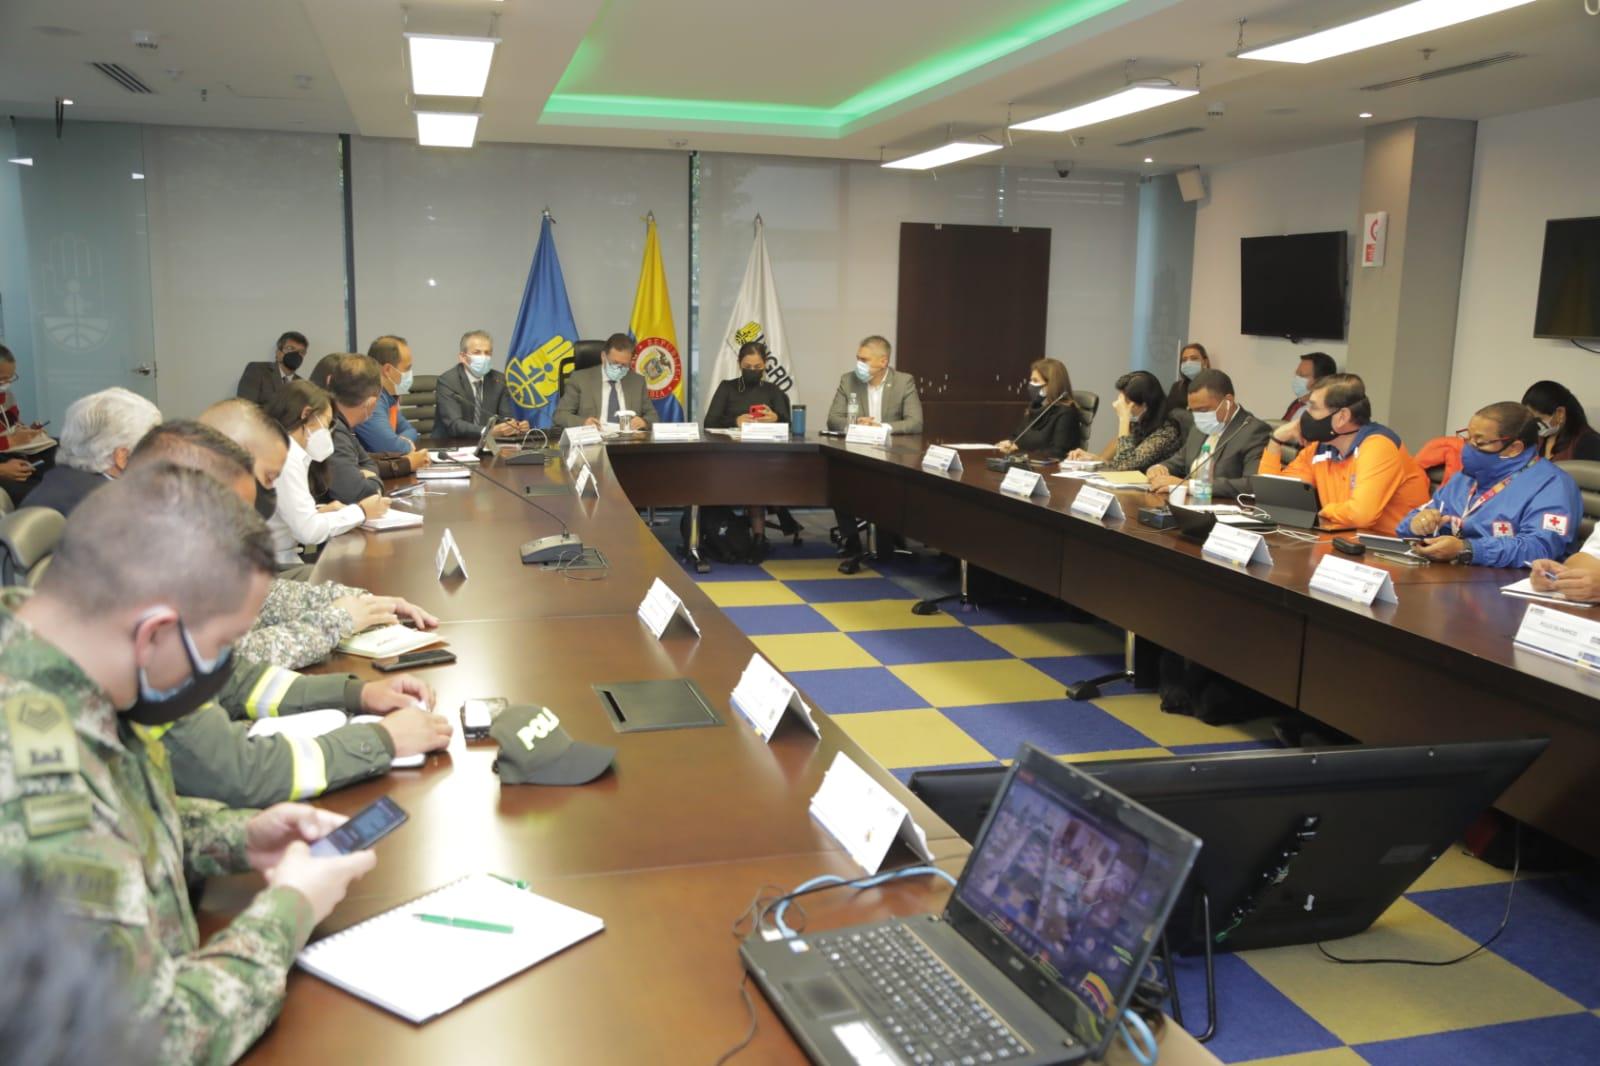 En octubre se adjudica construcción del viaducto del Km 58 de la Vía al Llano - Noticias de Colombia